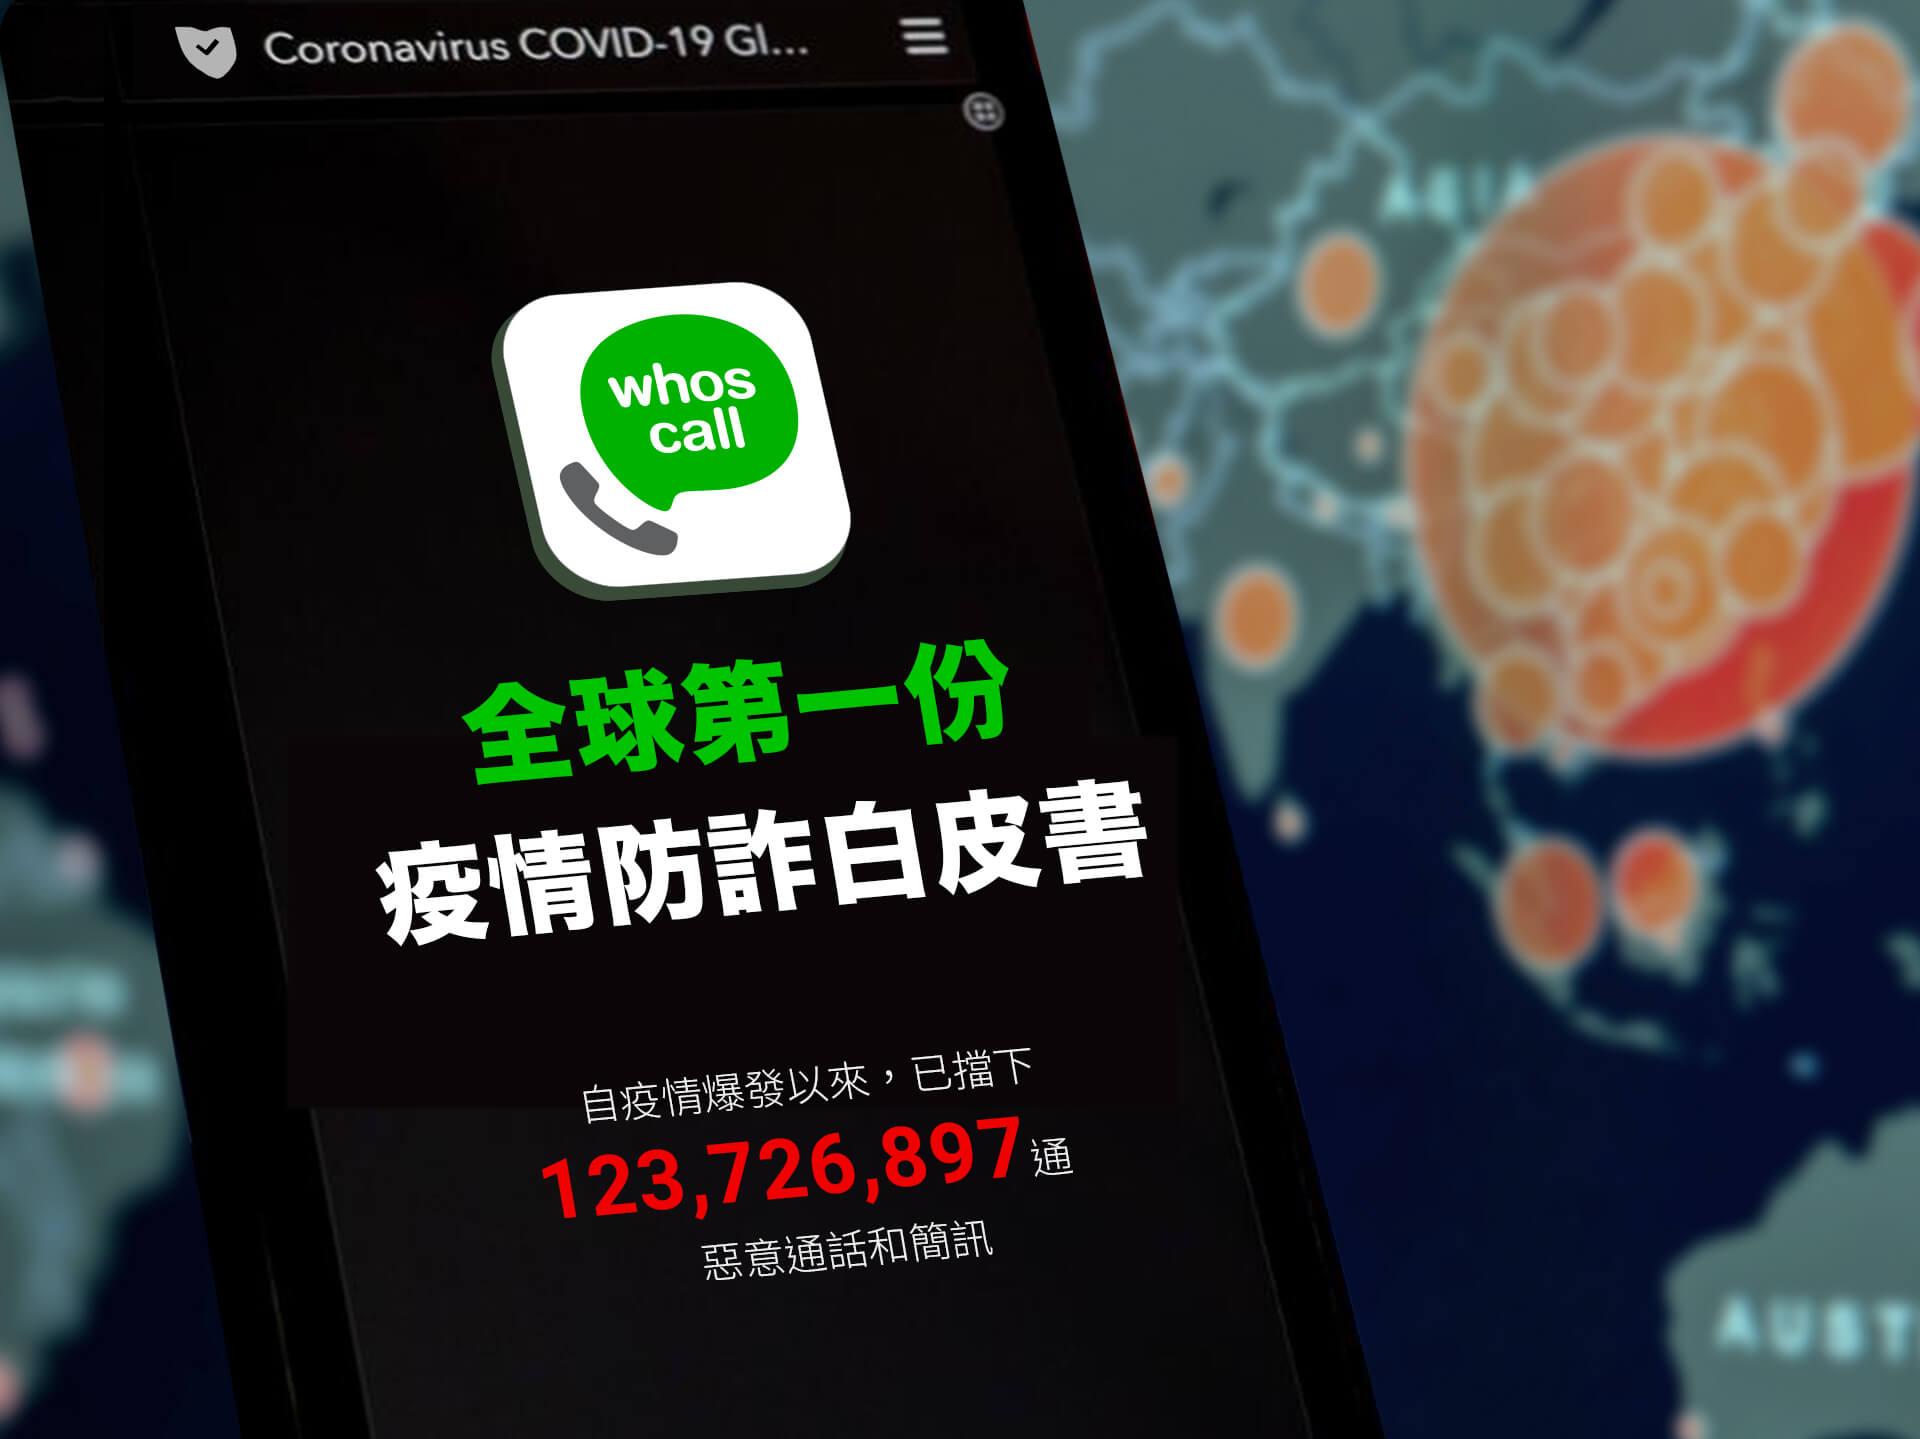 口罩系統,他,跟得最緊–2020全球第一份防詐白皮書【台灣篇】